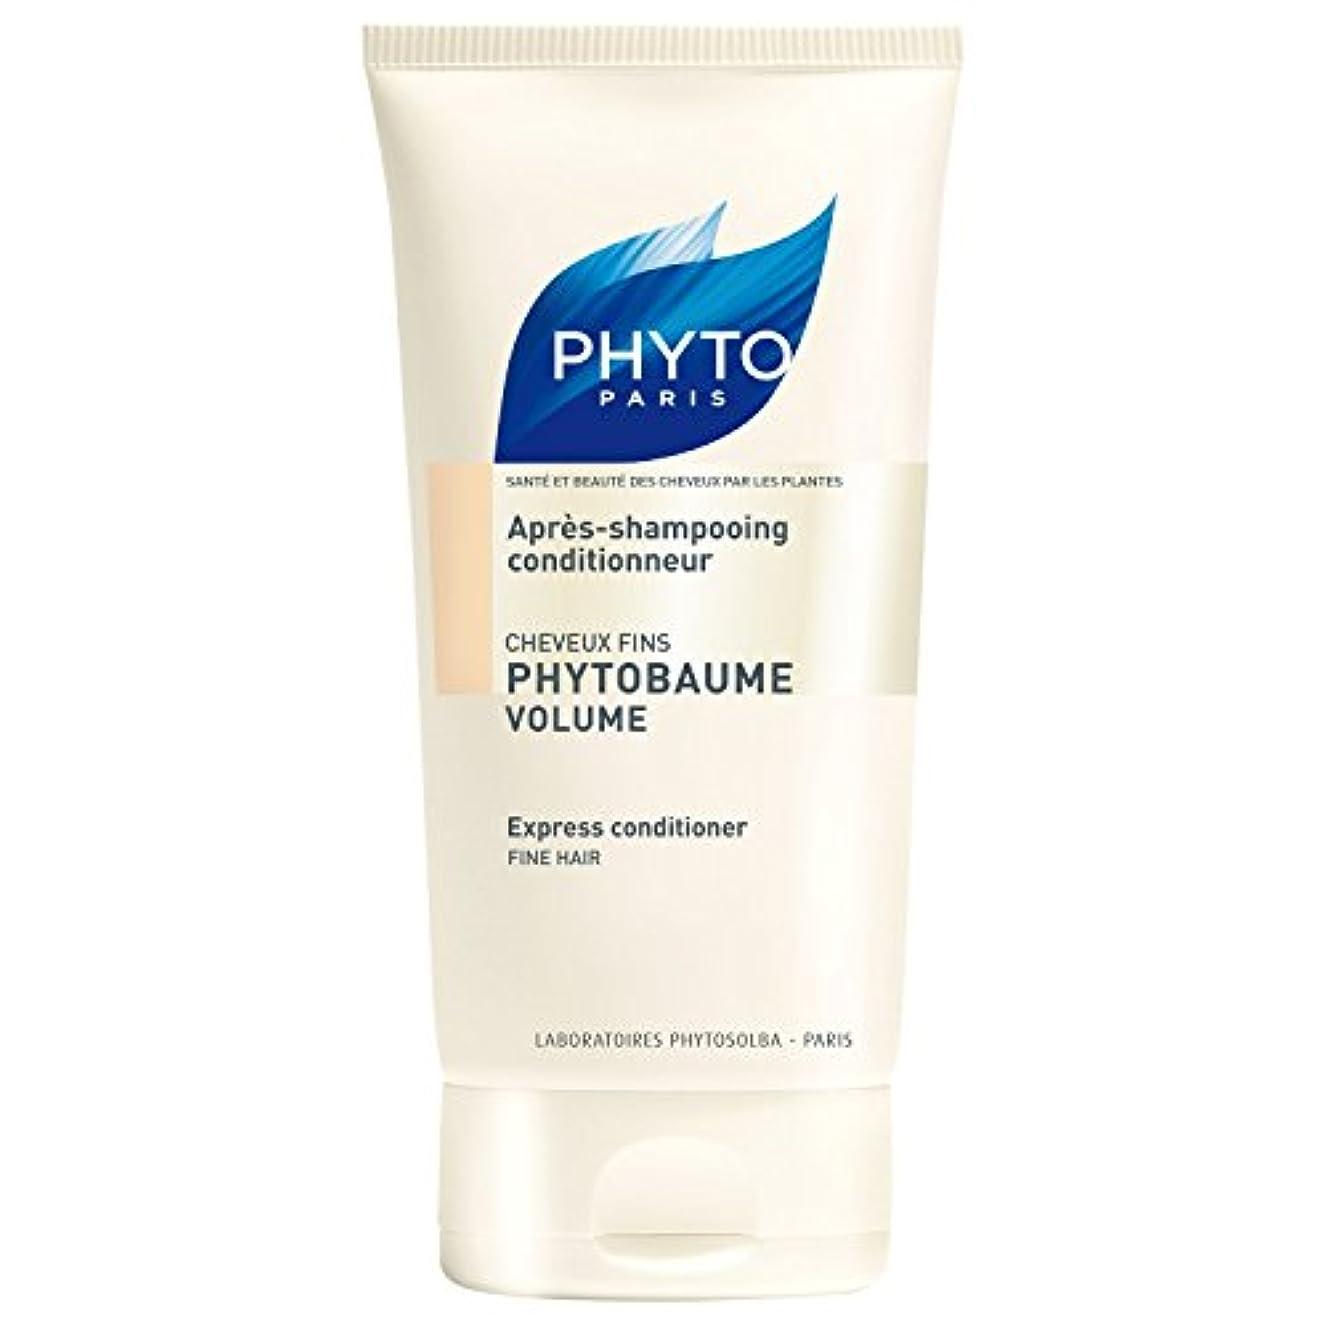 稚魚委員長幻滅する細い髪の150ミリリットルのためのフィトPhytobaumeボリュームエクスプレスコンディショナー (Phyto) (x2) - Phyto Phytobaume Volume Express Conditioner for...